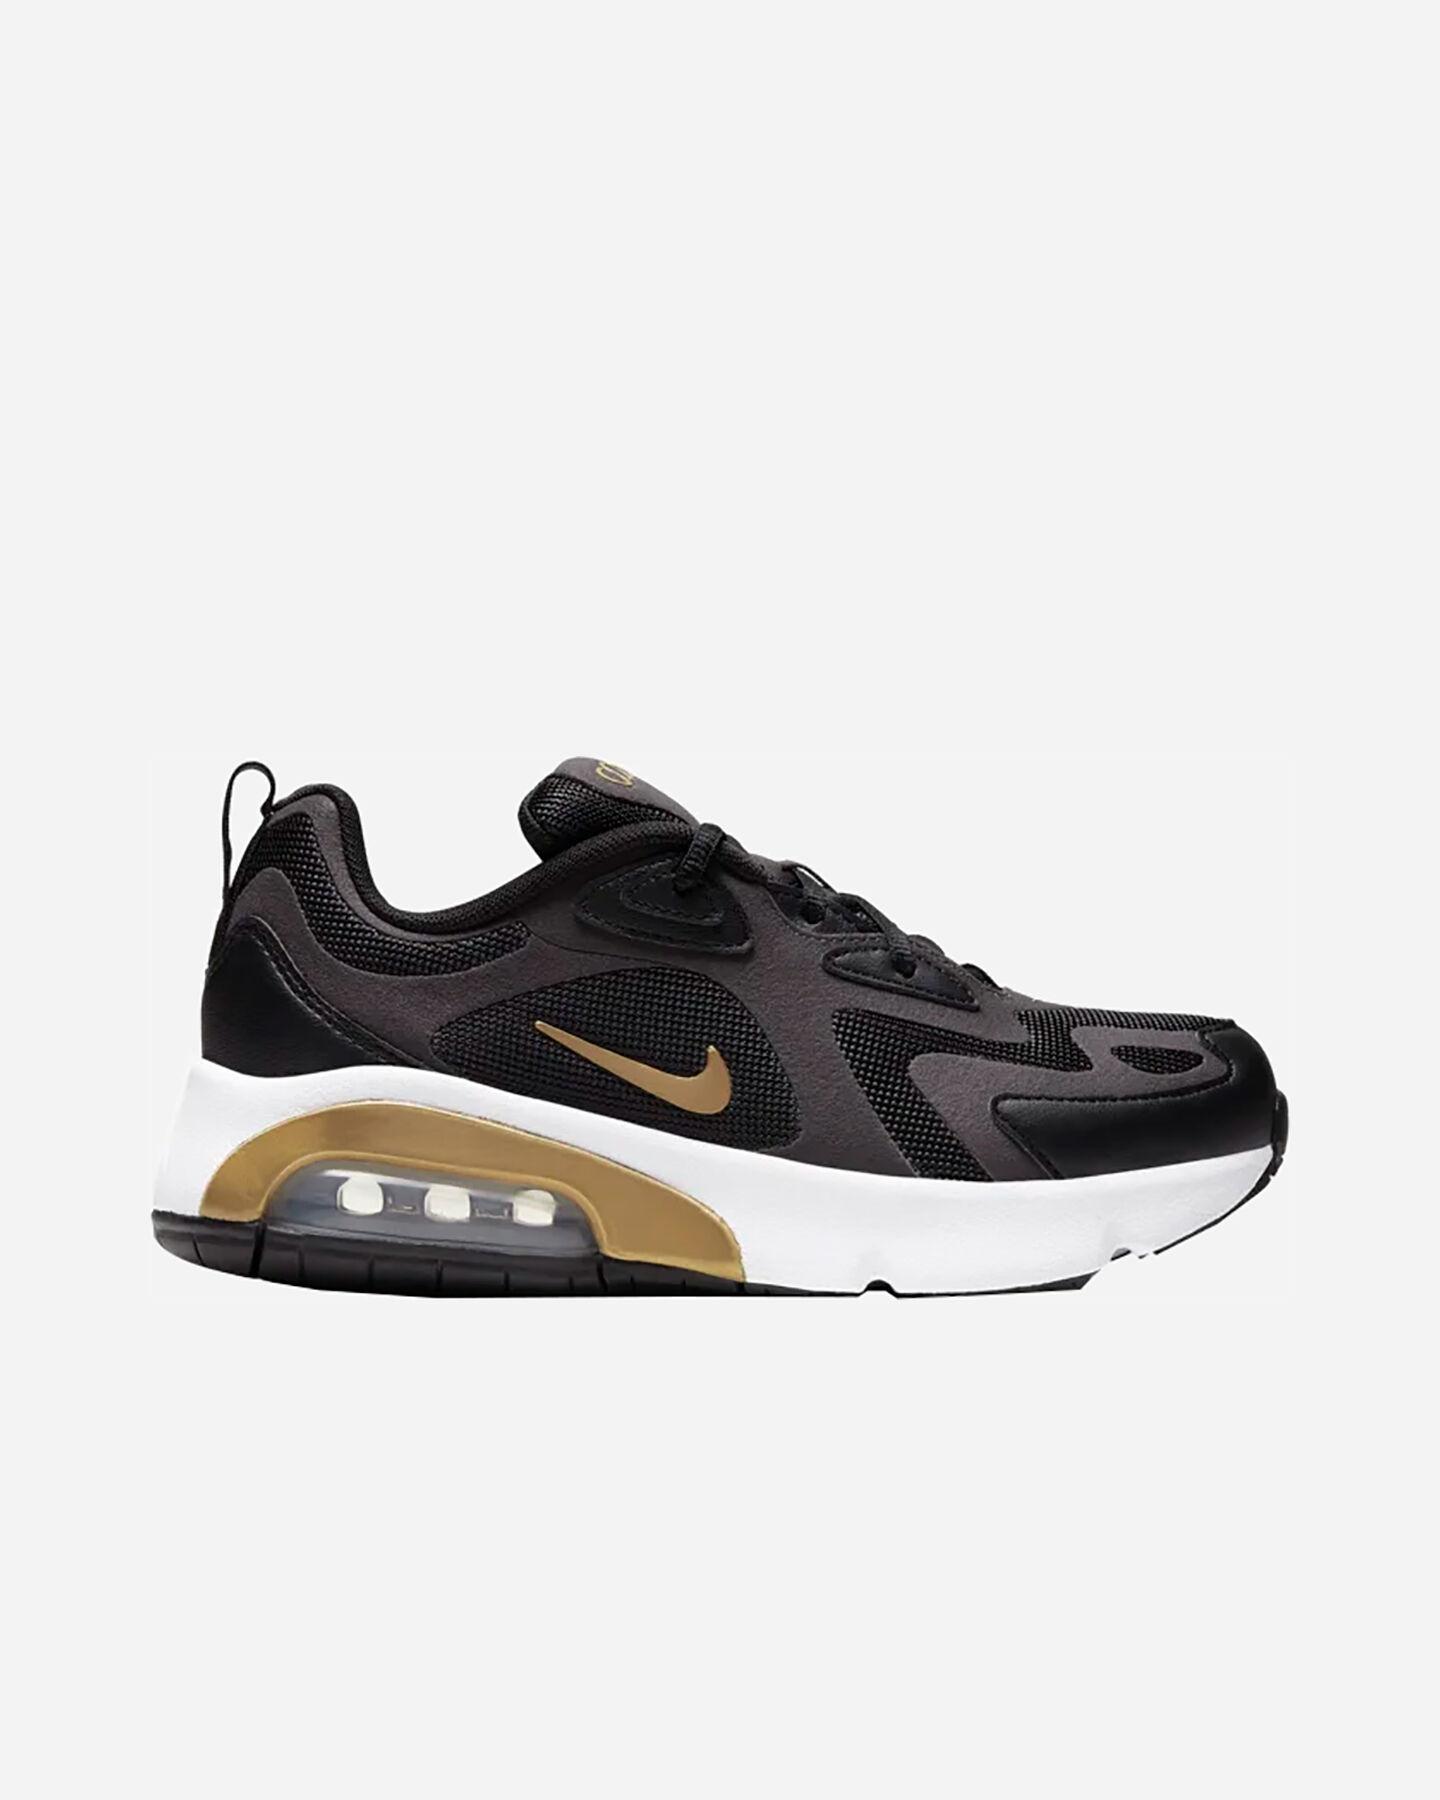 scarpe saucony cisalfa